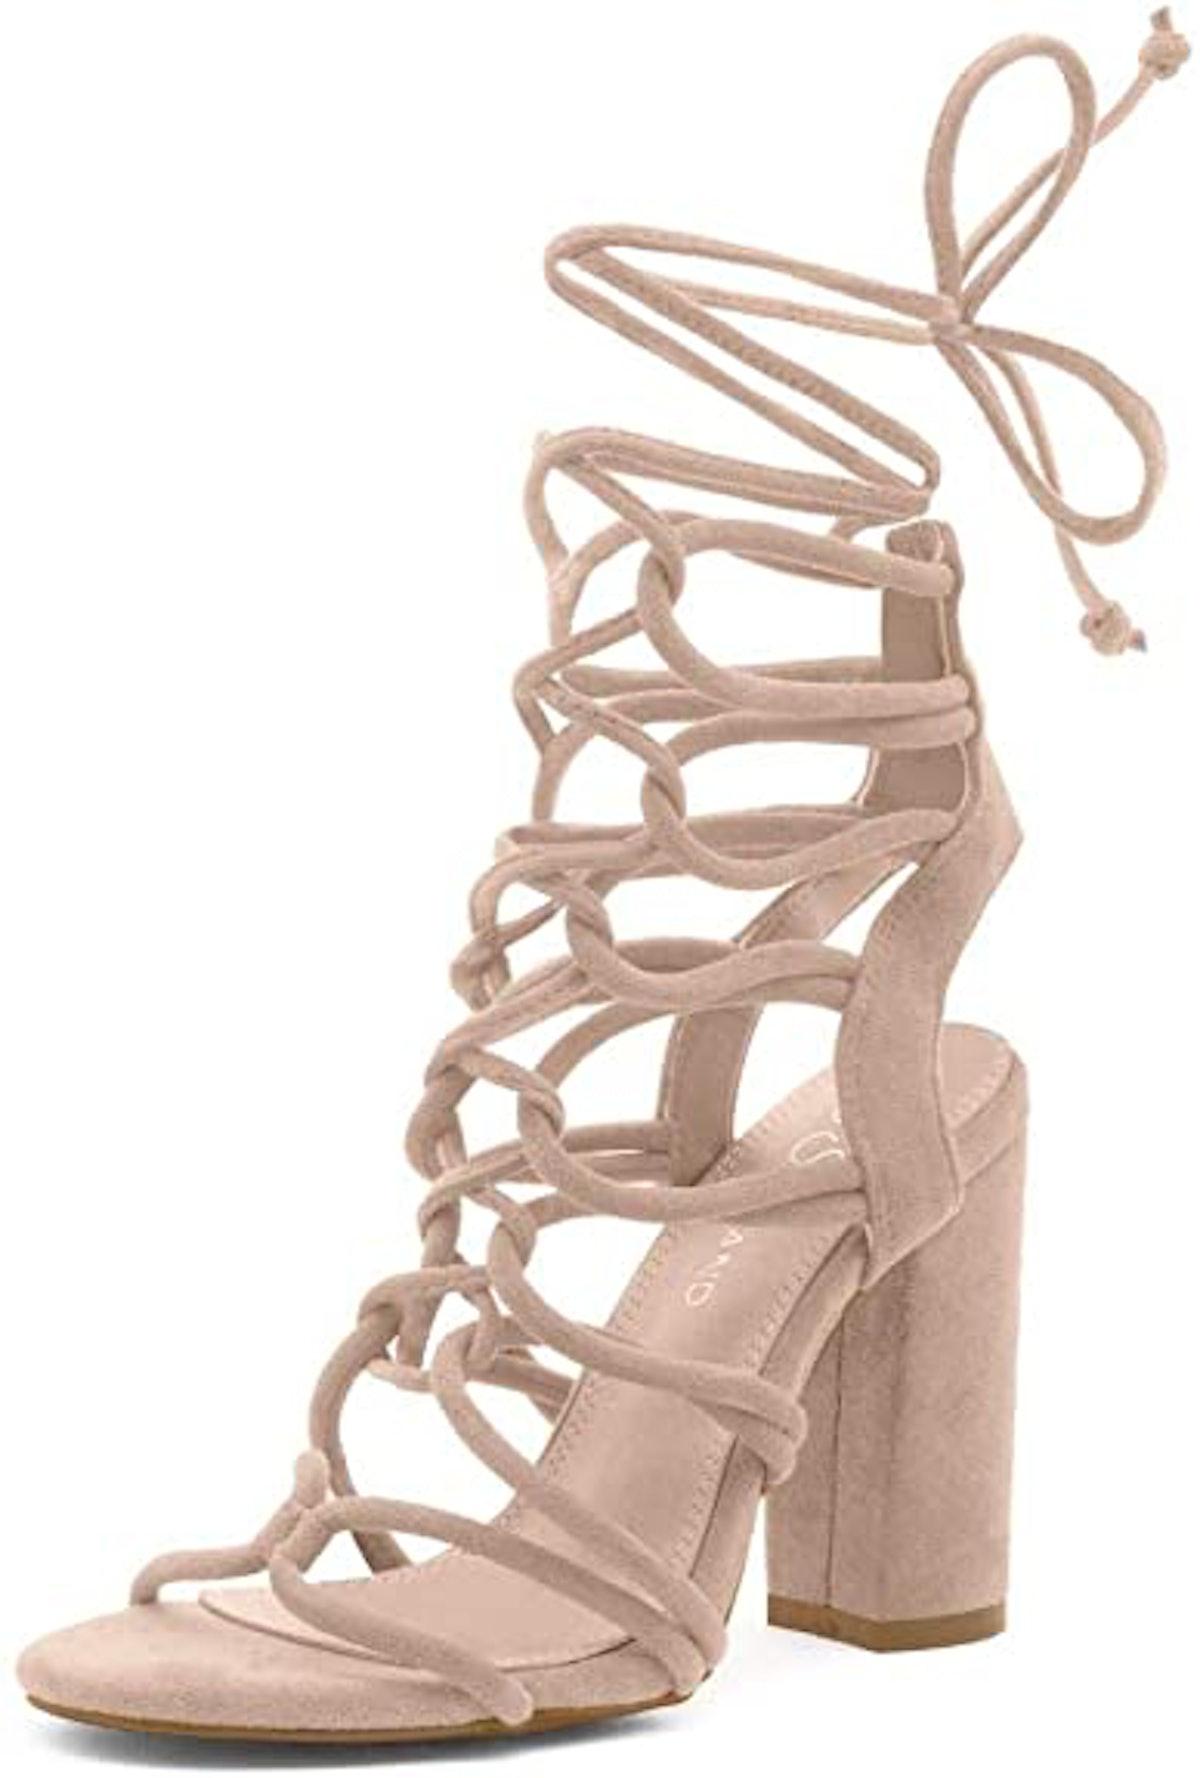 Shoe Land Kyler Heeled Sandals